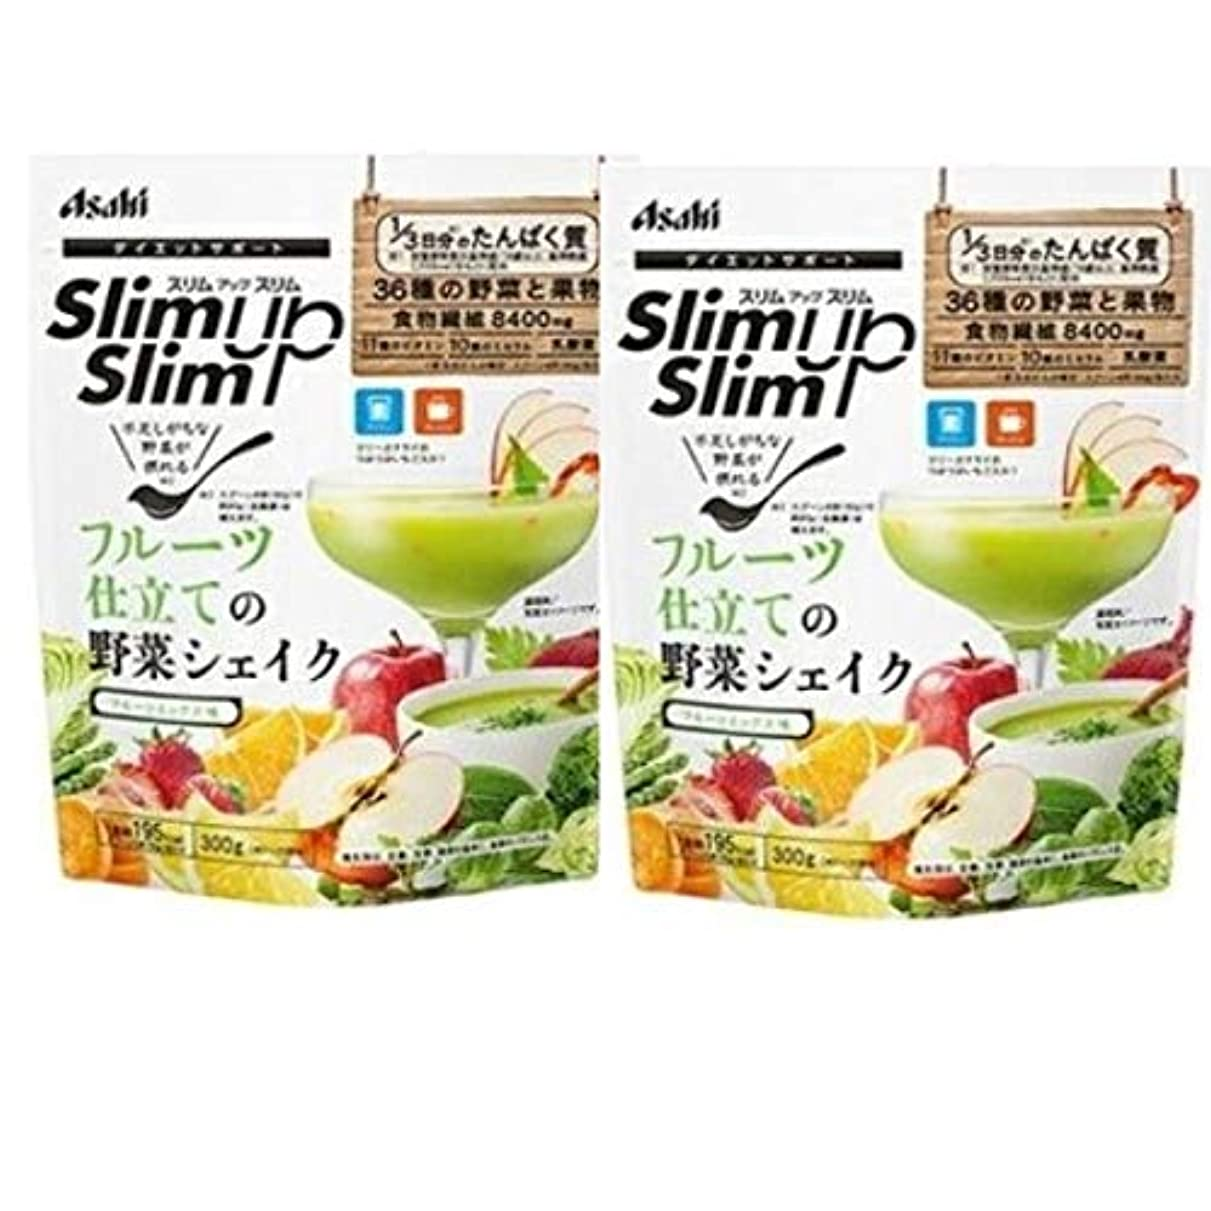 【2個セット】スリムアップスリム フルーツ仕立ての野菜シェイク フルーツミックス味 300g